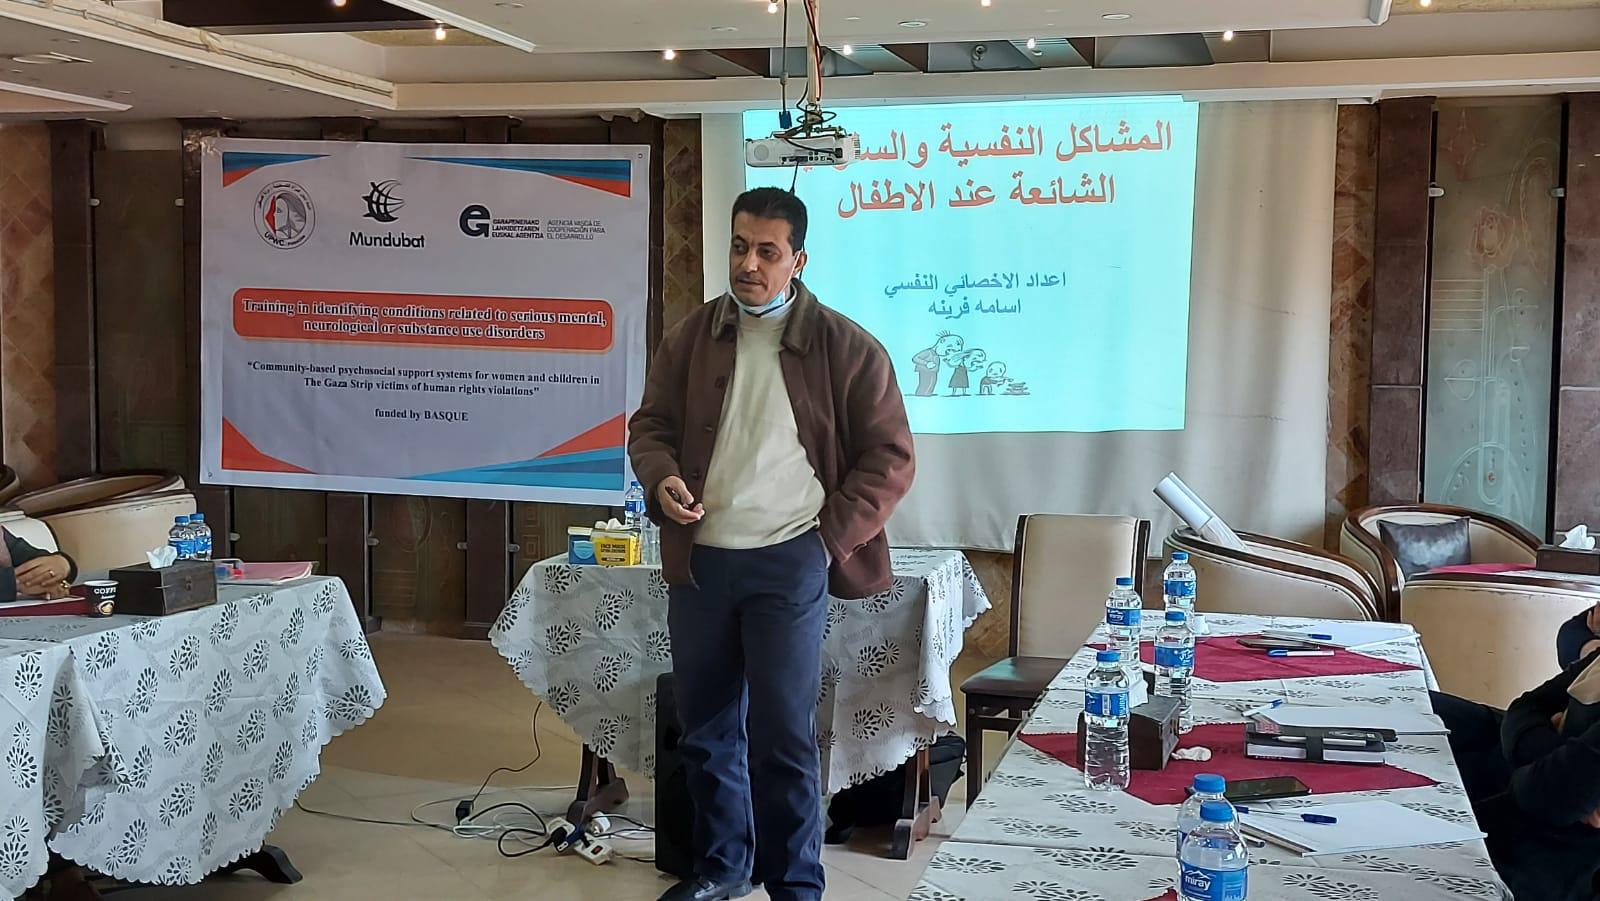 اتحاد لجان المرأة الفلسطينية ينفذ تدريبا لأخصائيات الدعم النفسي والاجتماعي.